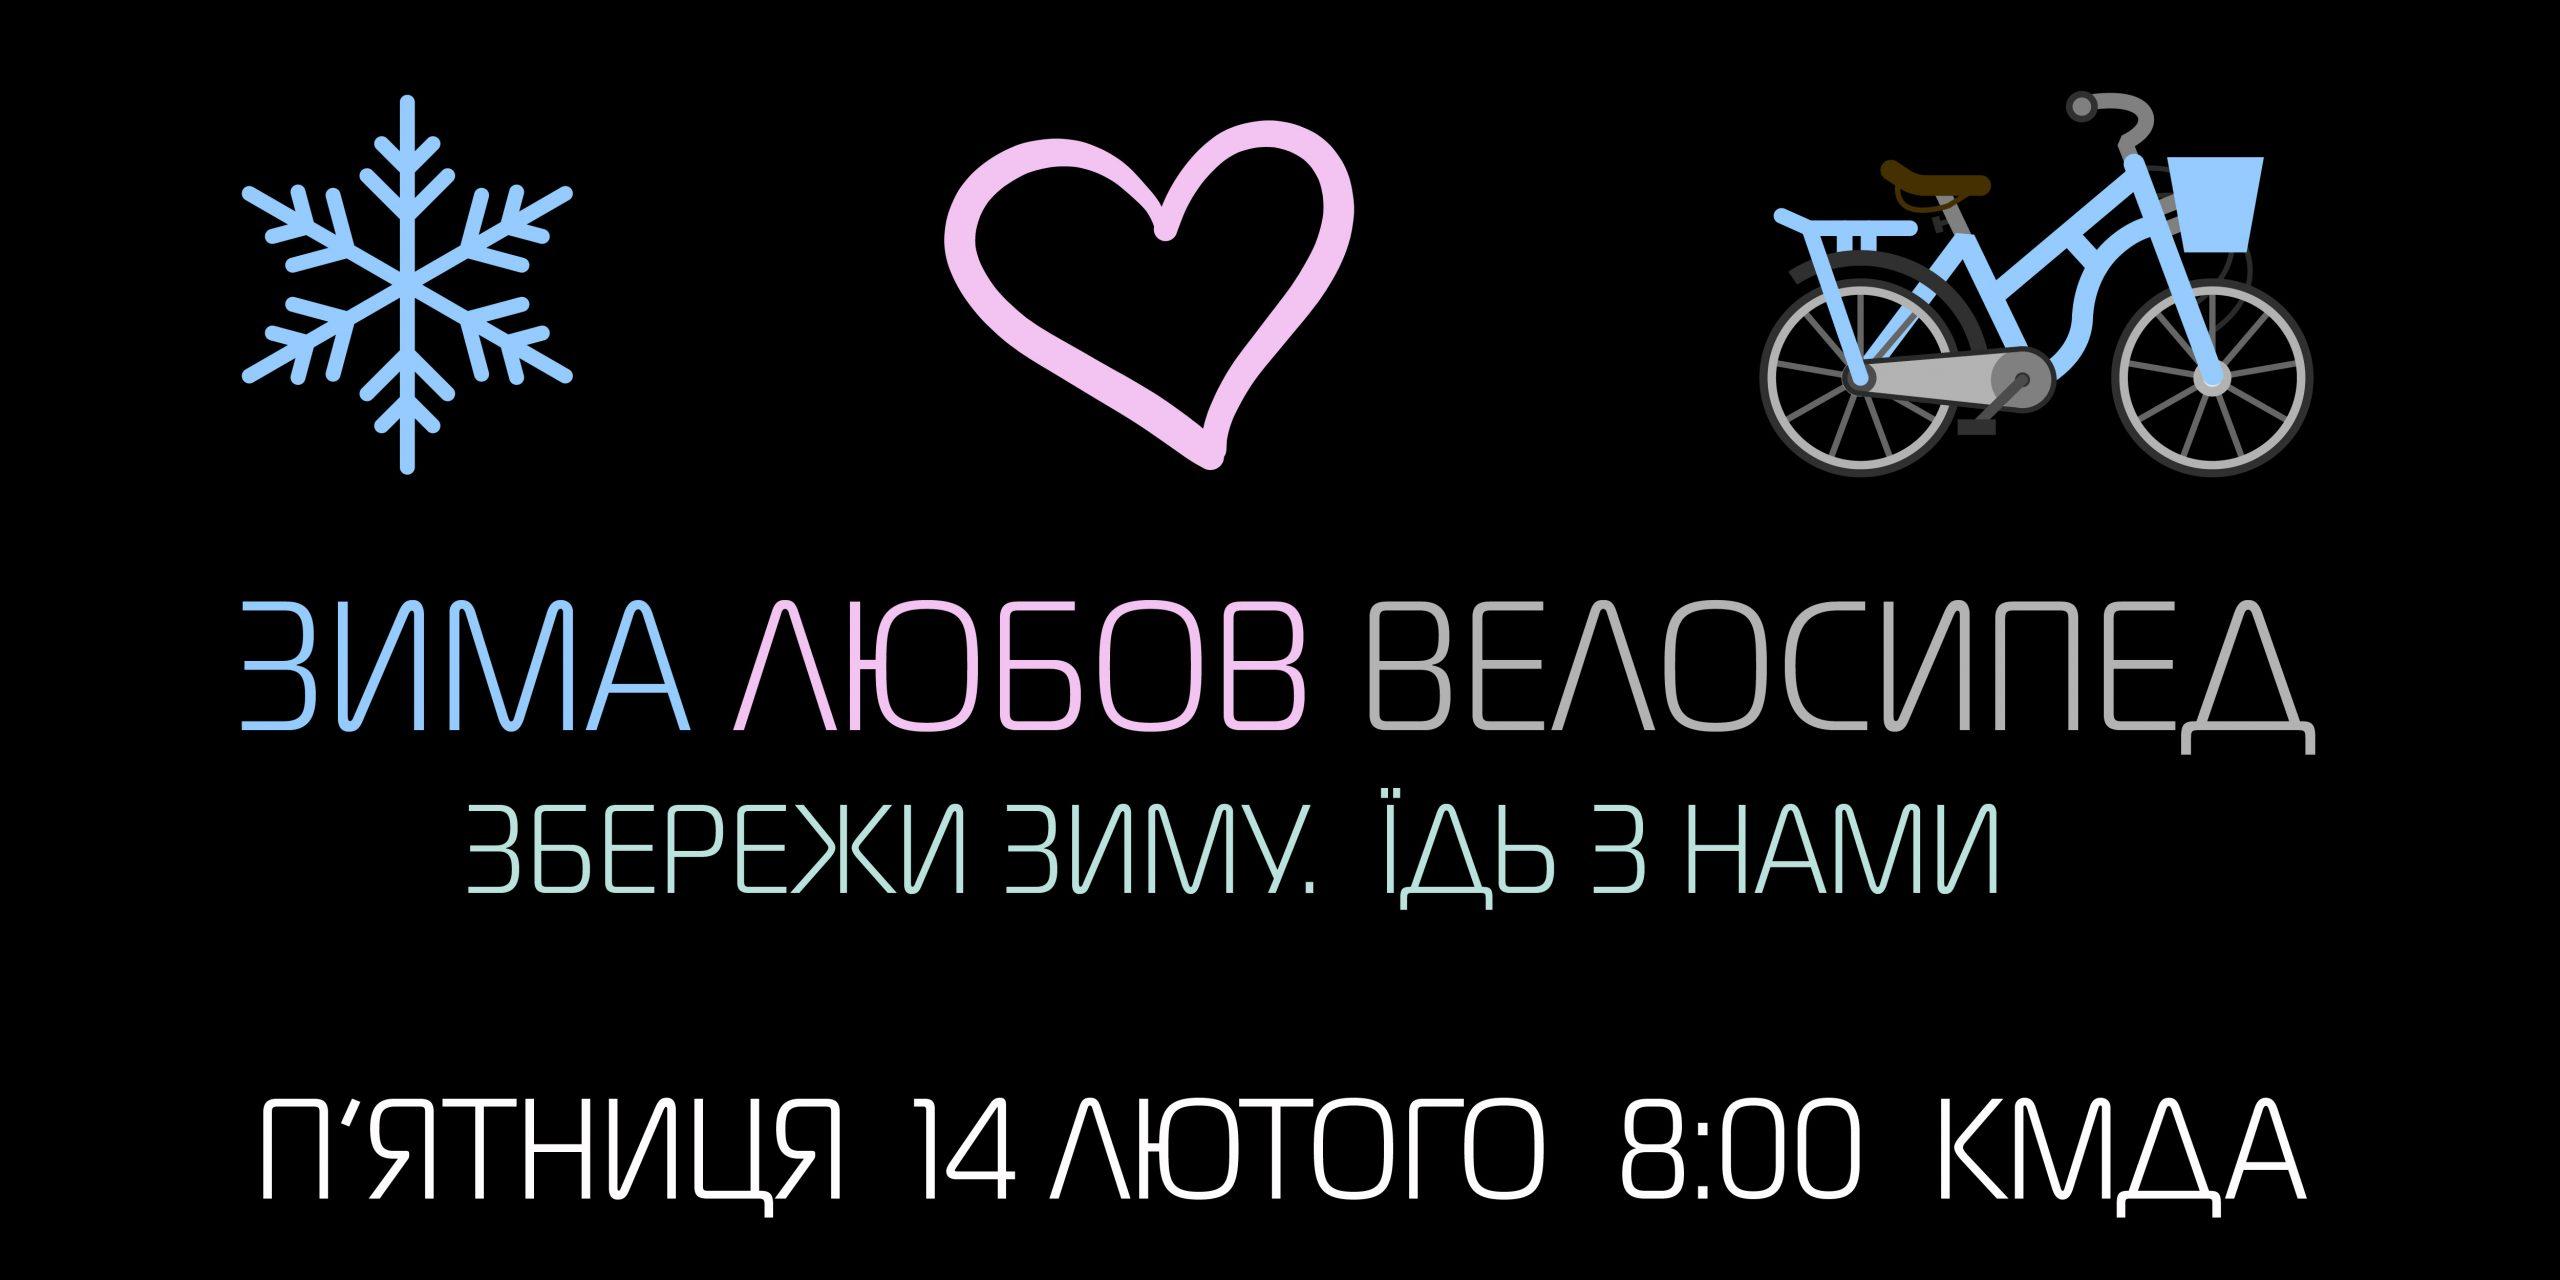 Велосипедом на роботу